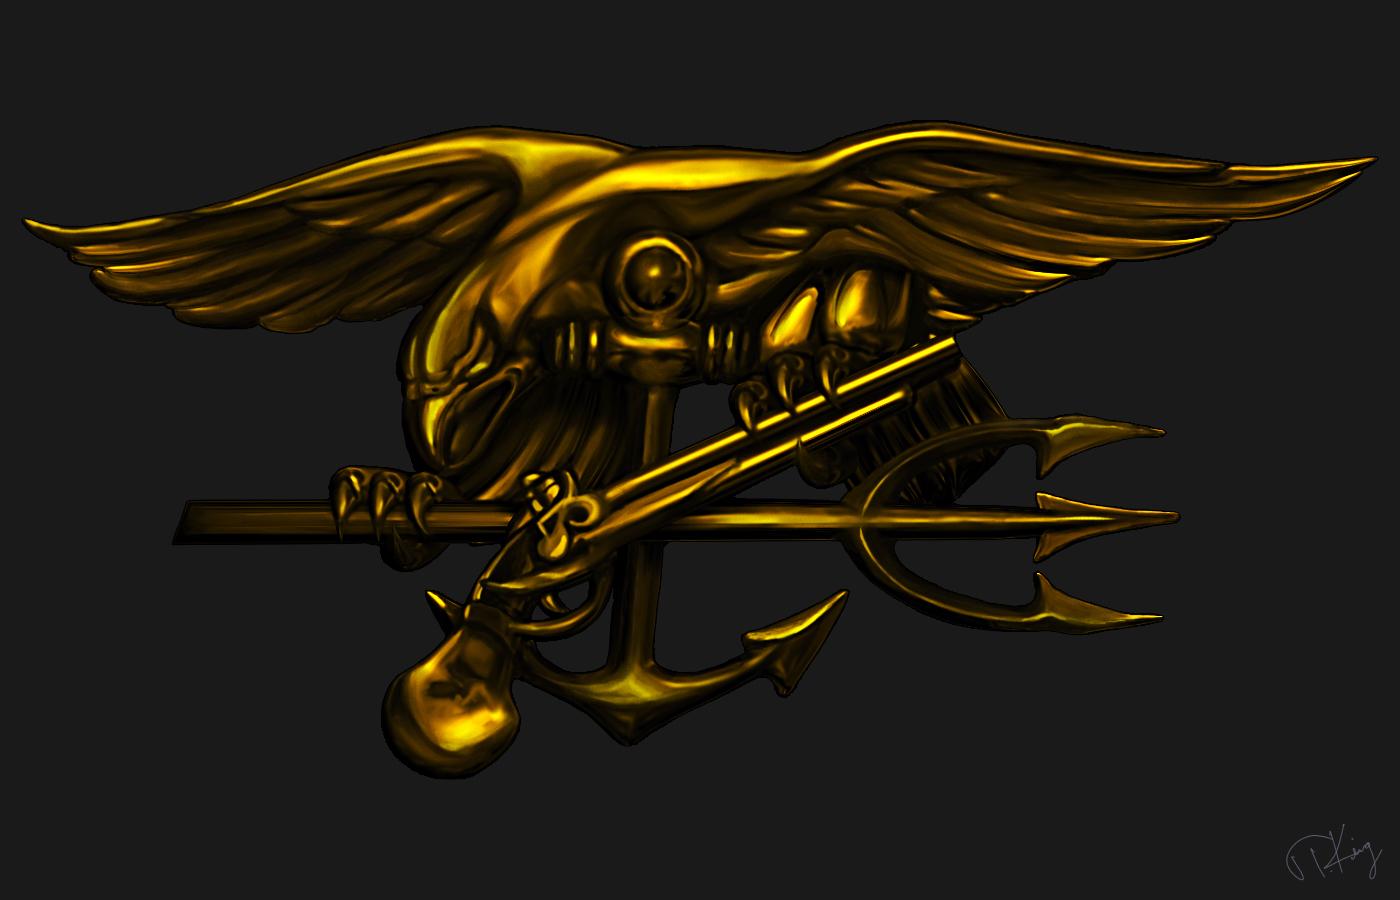 us navy seals   Desktop Wallpaper 1400x900